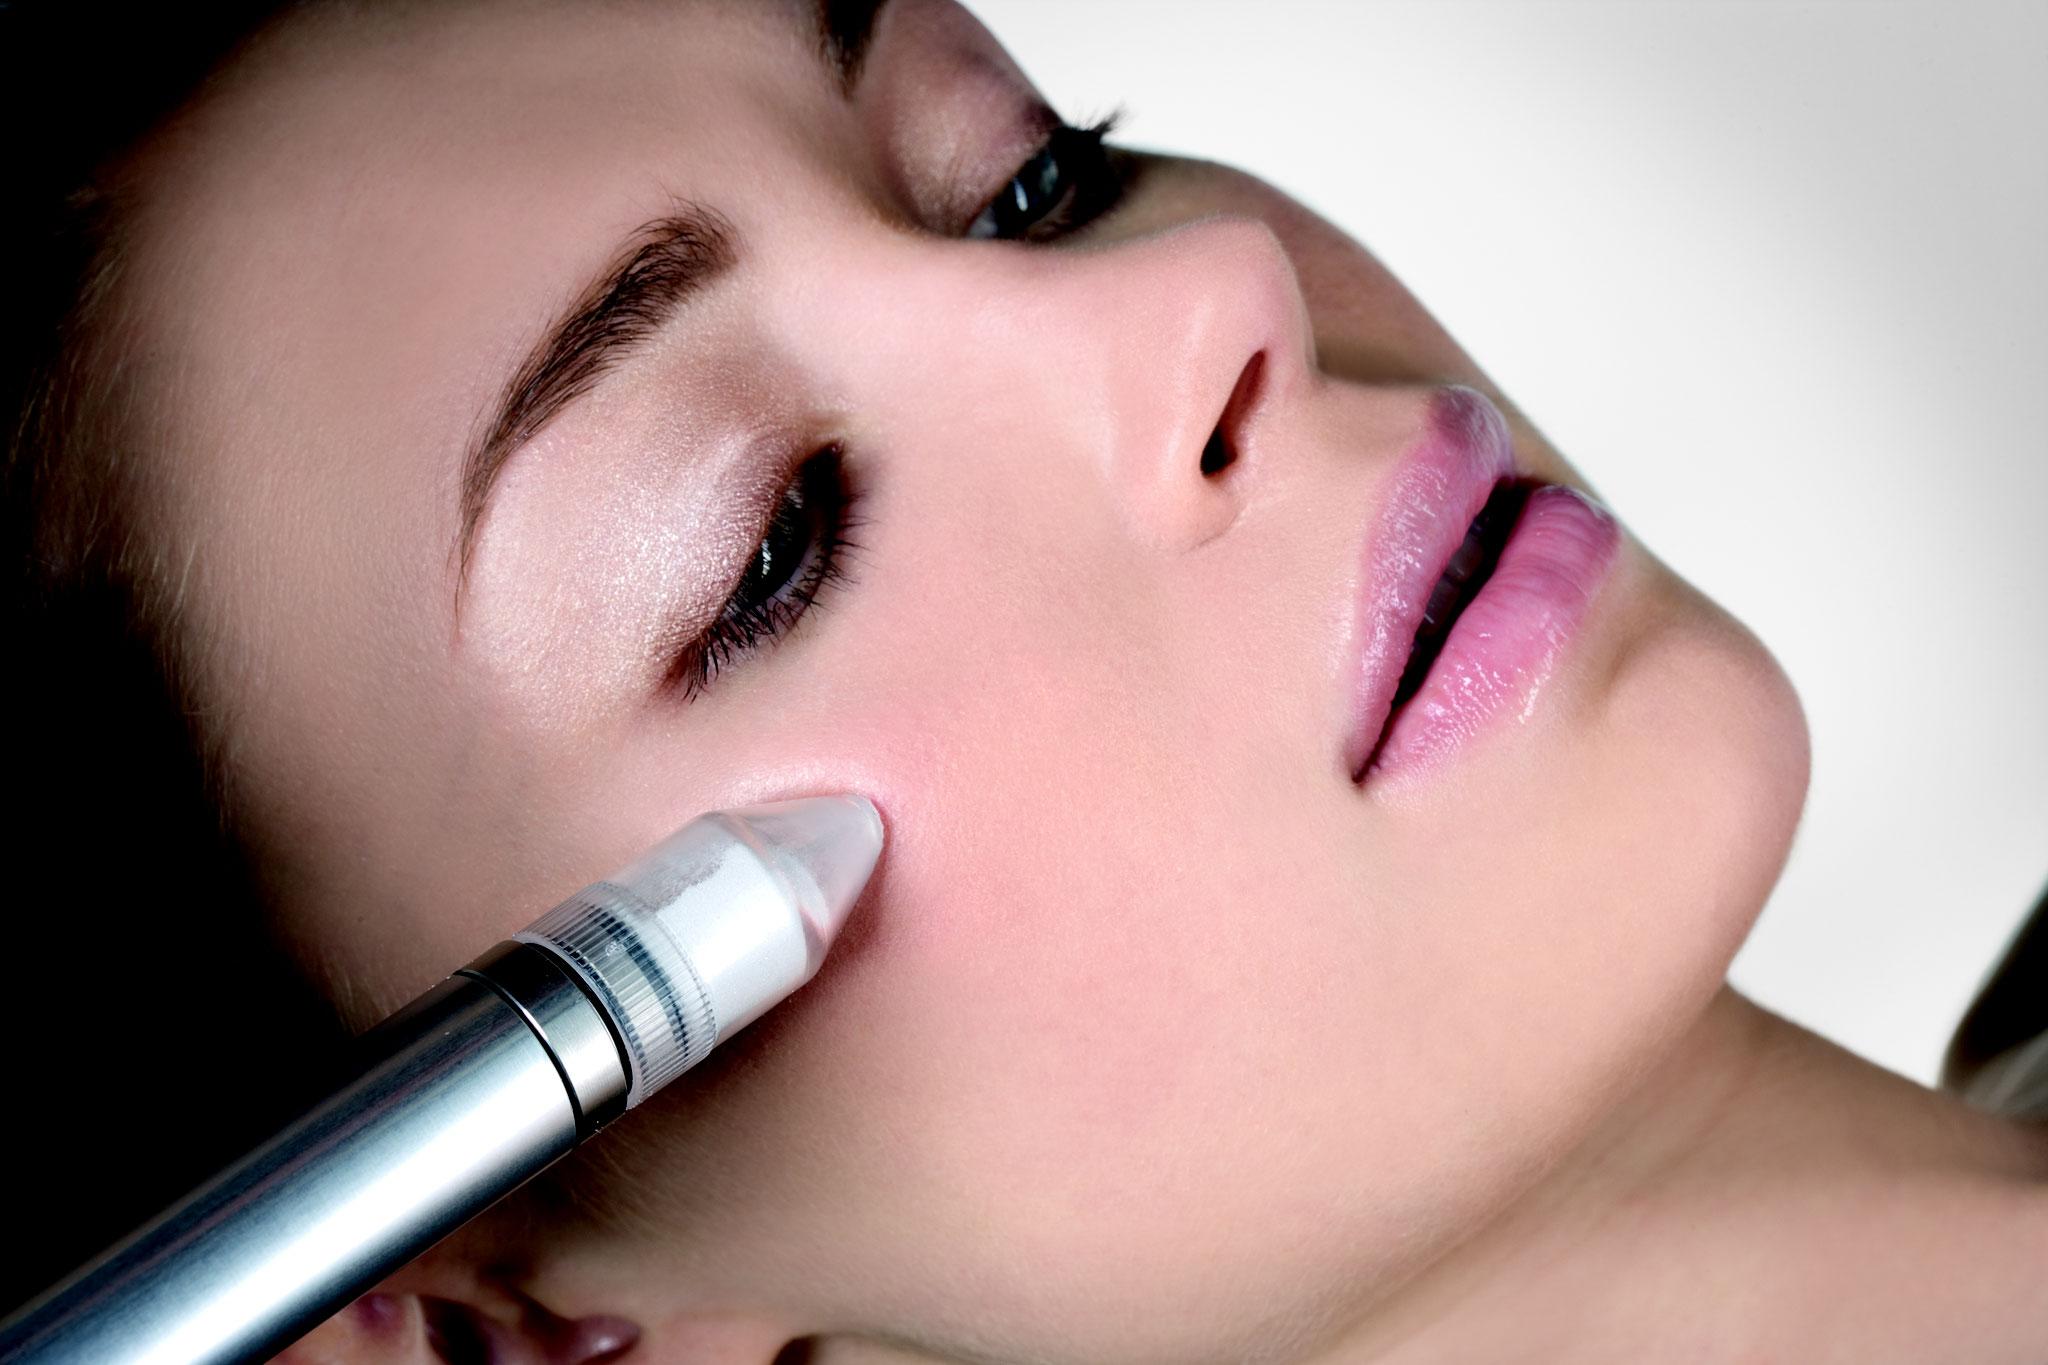 MicroDermAbrasion >> intensives Peeling , sanfte und kontrollierte Abtragung der obersten Hautschicht mit MicroKristallen >> Hautverjüngung >> Falten-, Pigmentfleck- und Narbenreduktion >> Glättung des Hautreliefs  >> Porenverfeinerung, reine,  zarte Haut